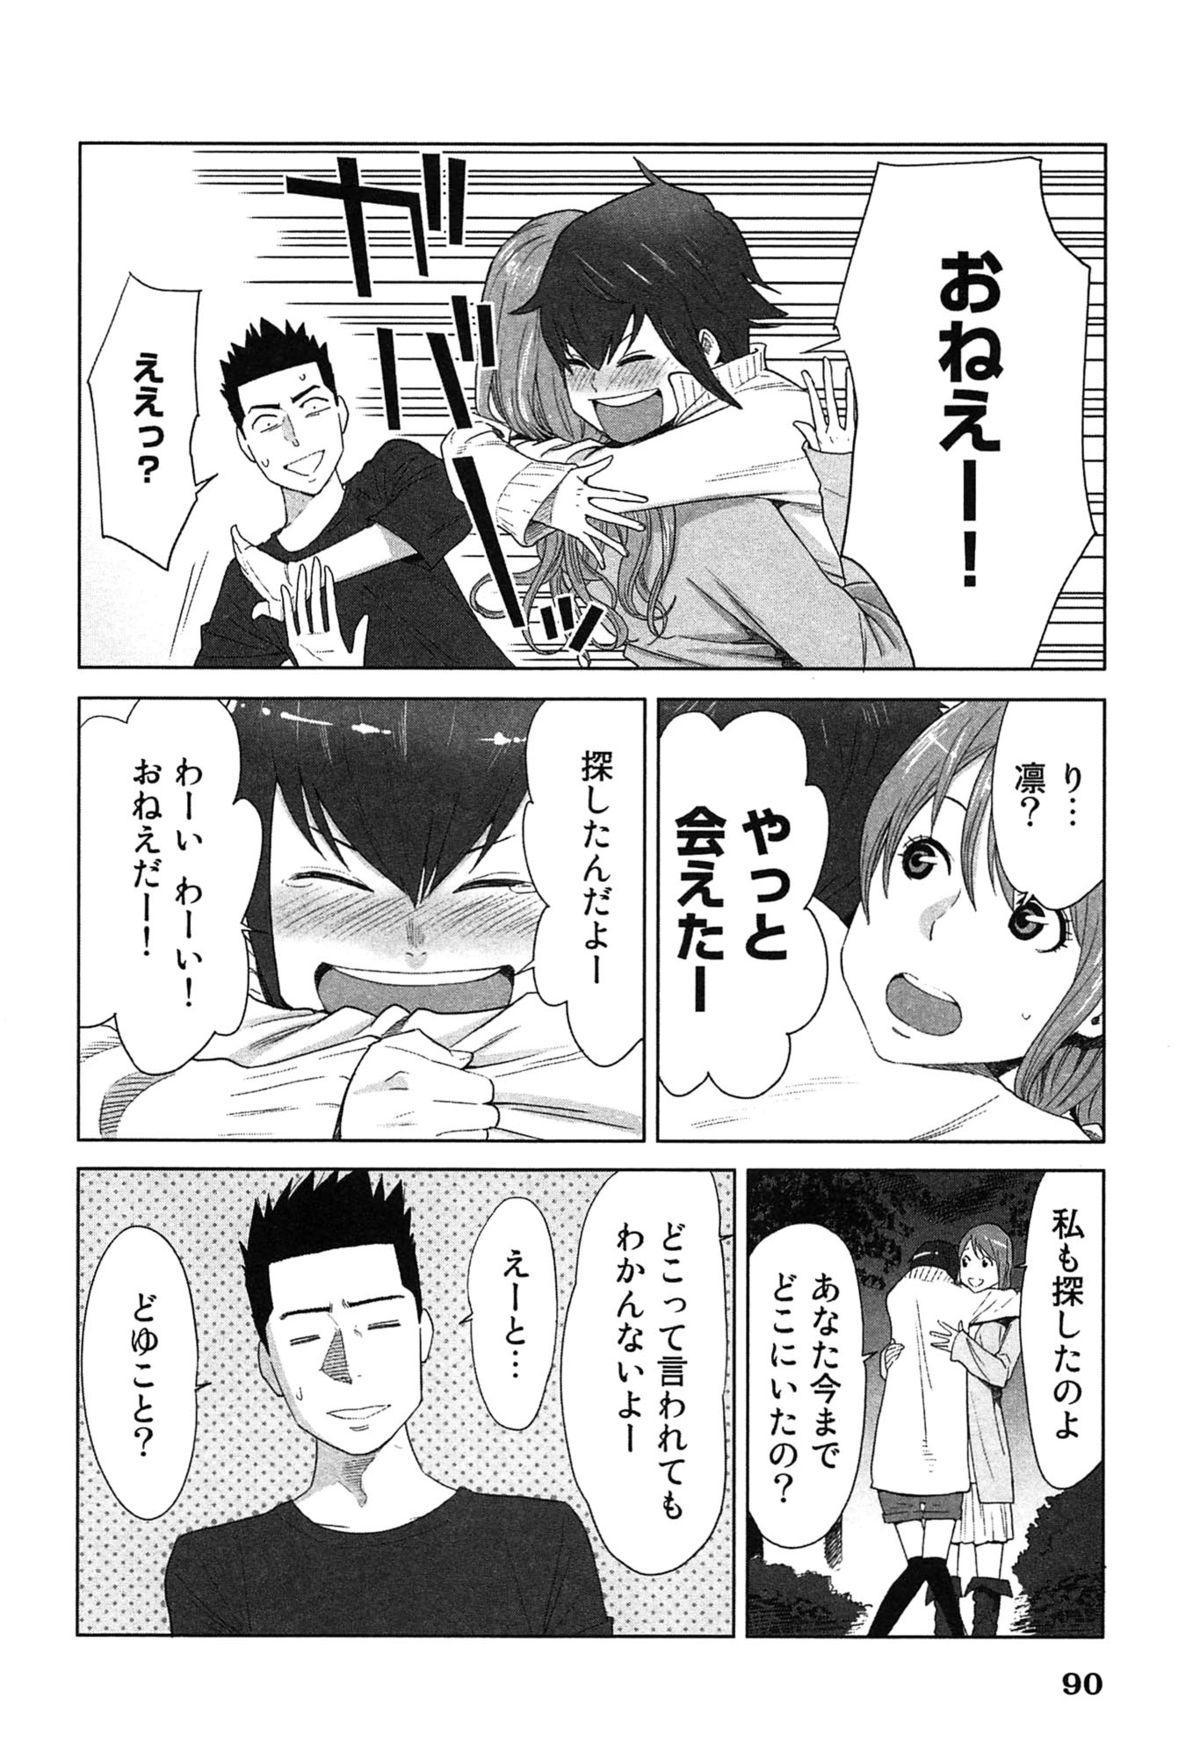 Megami to Ichinen Kura Shite Mita. 2 93